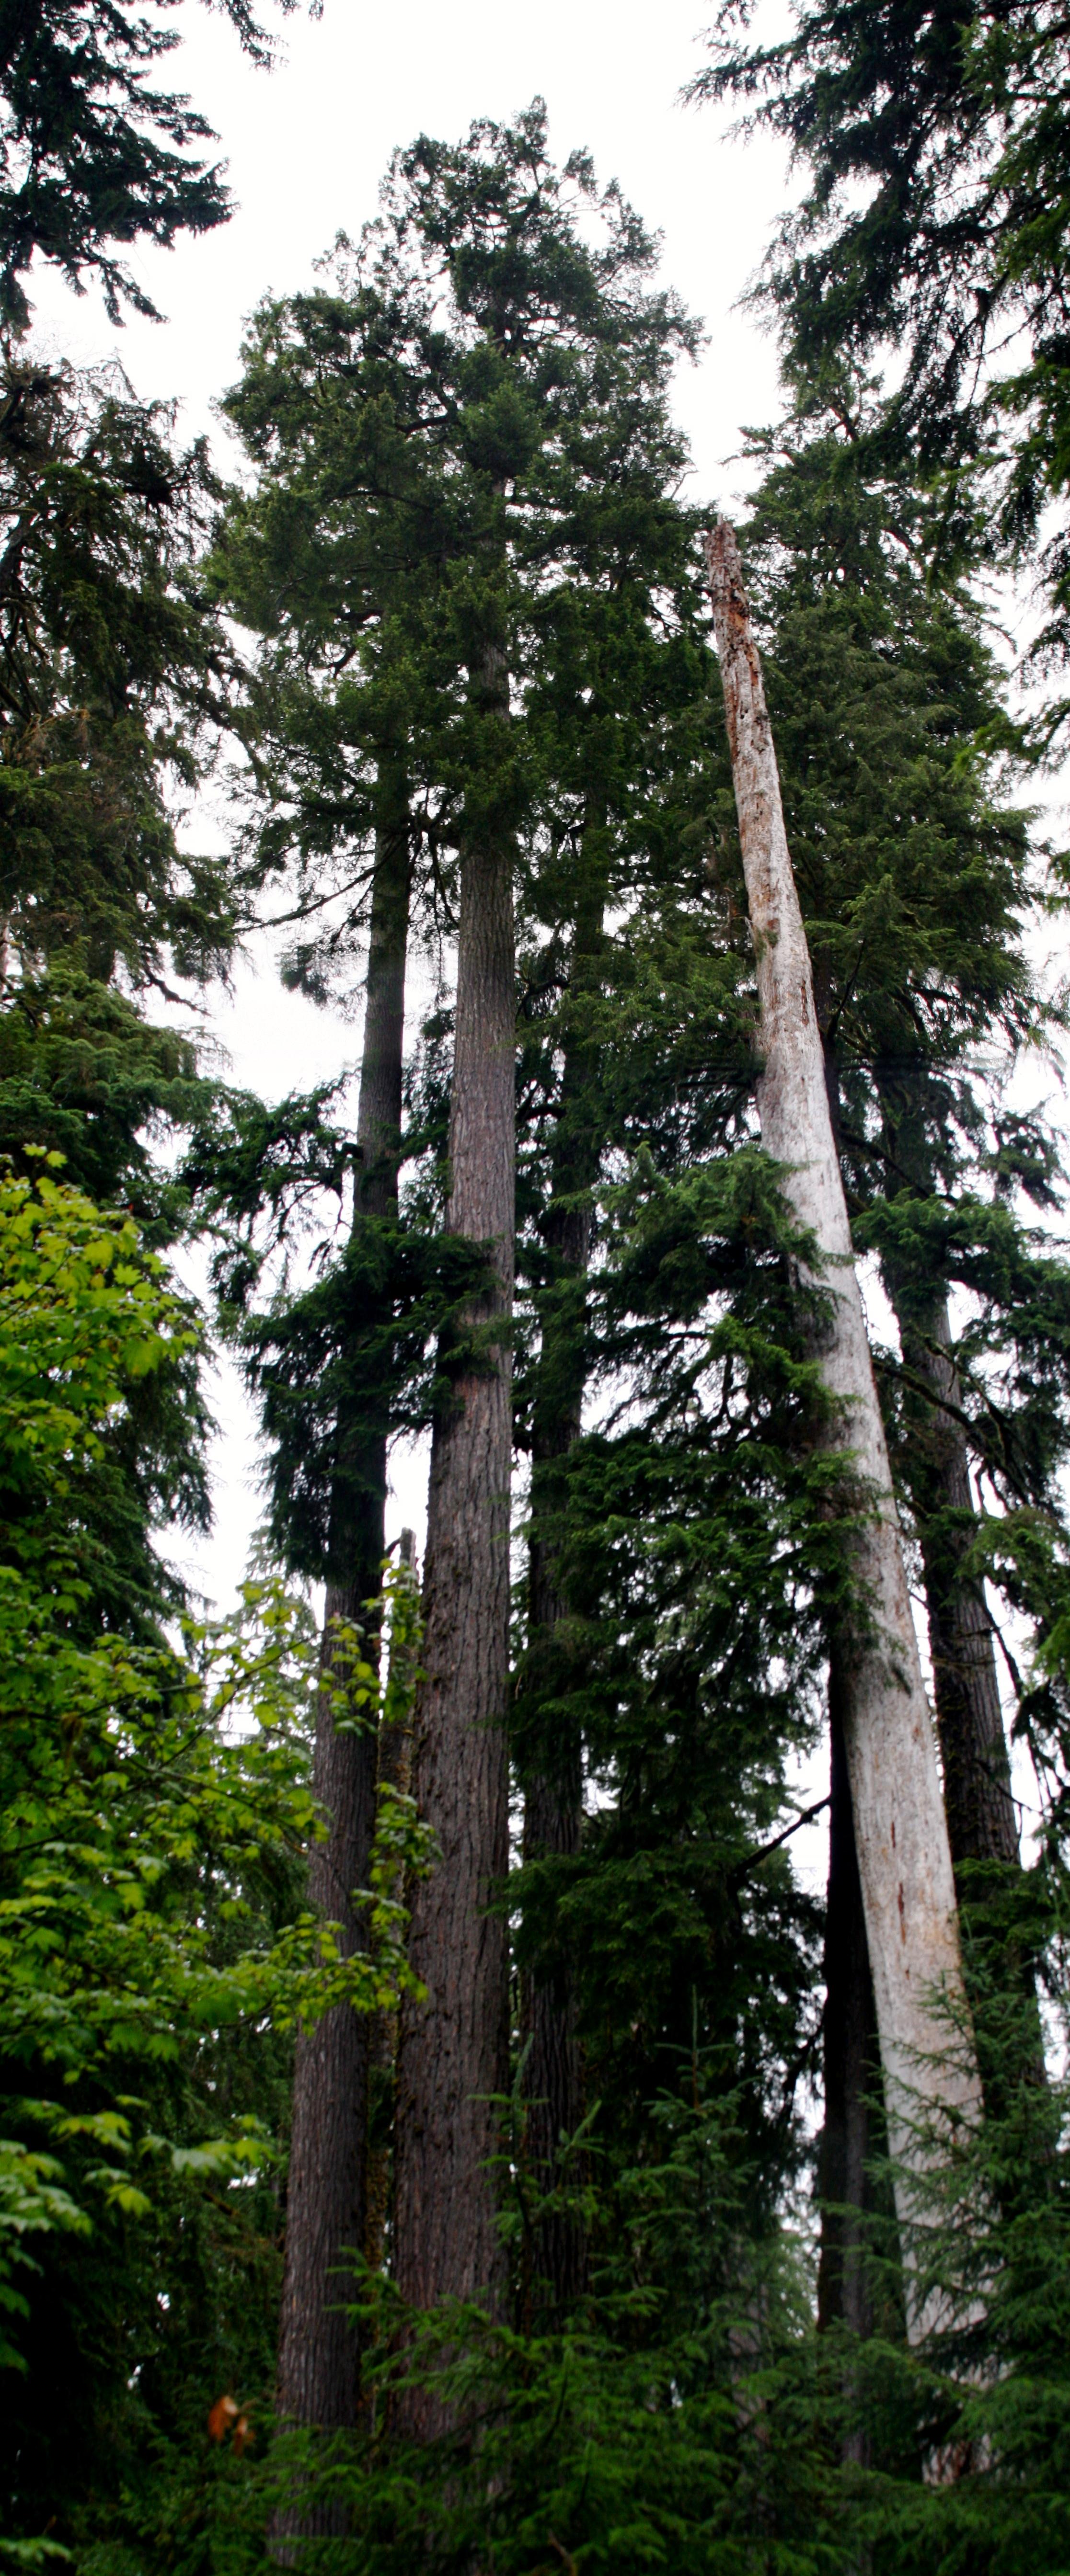 File:Large Douglas Fir; Hoh Rain Forest.jpg - Wikimedia ...  Douglas Fir Forest